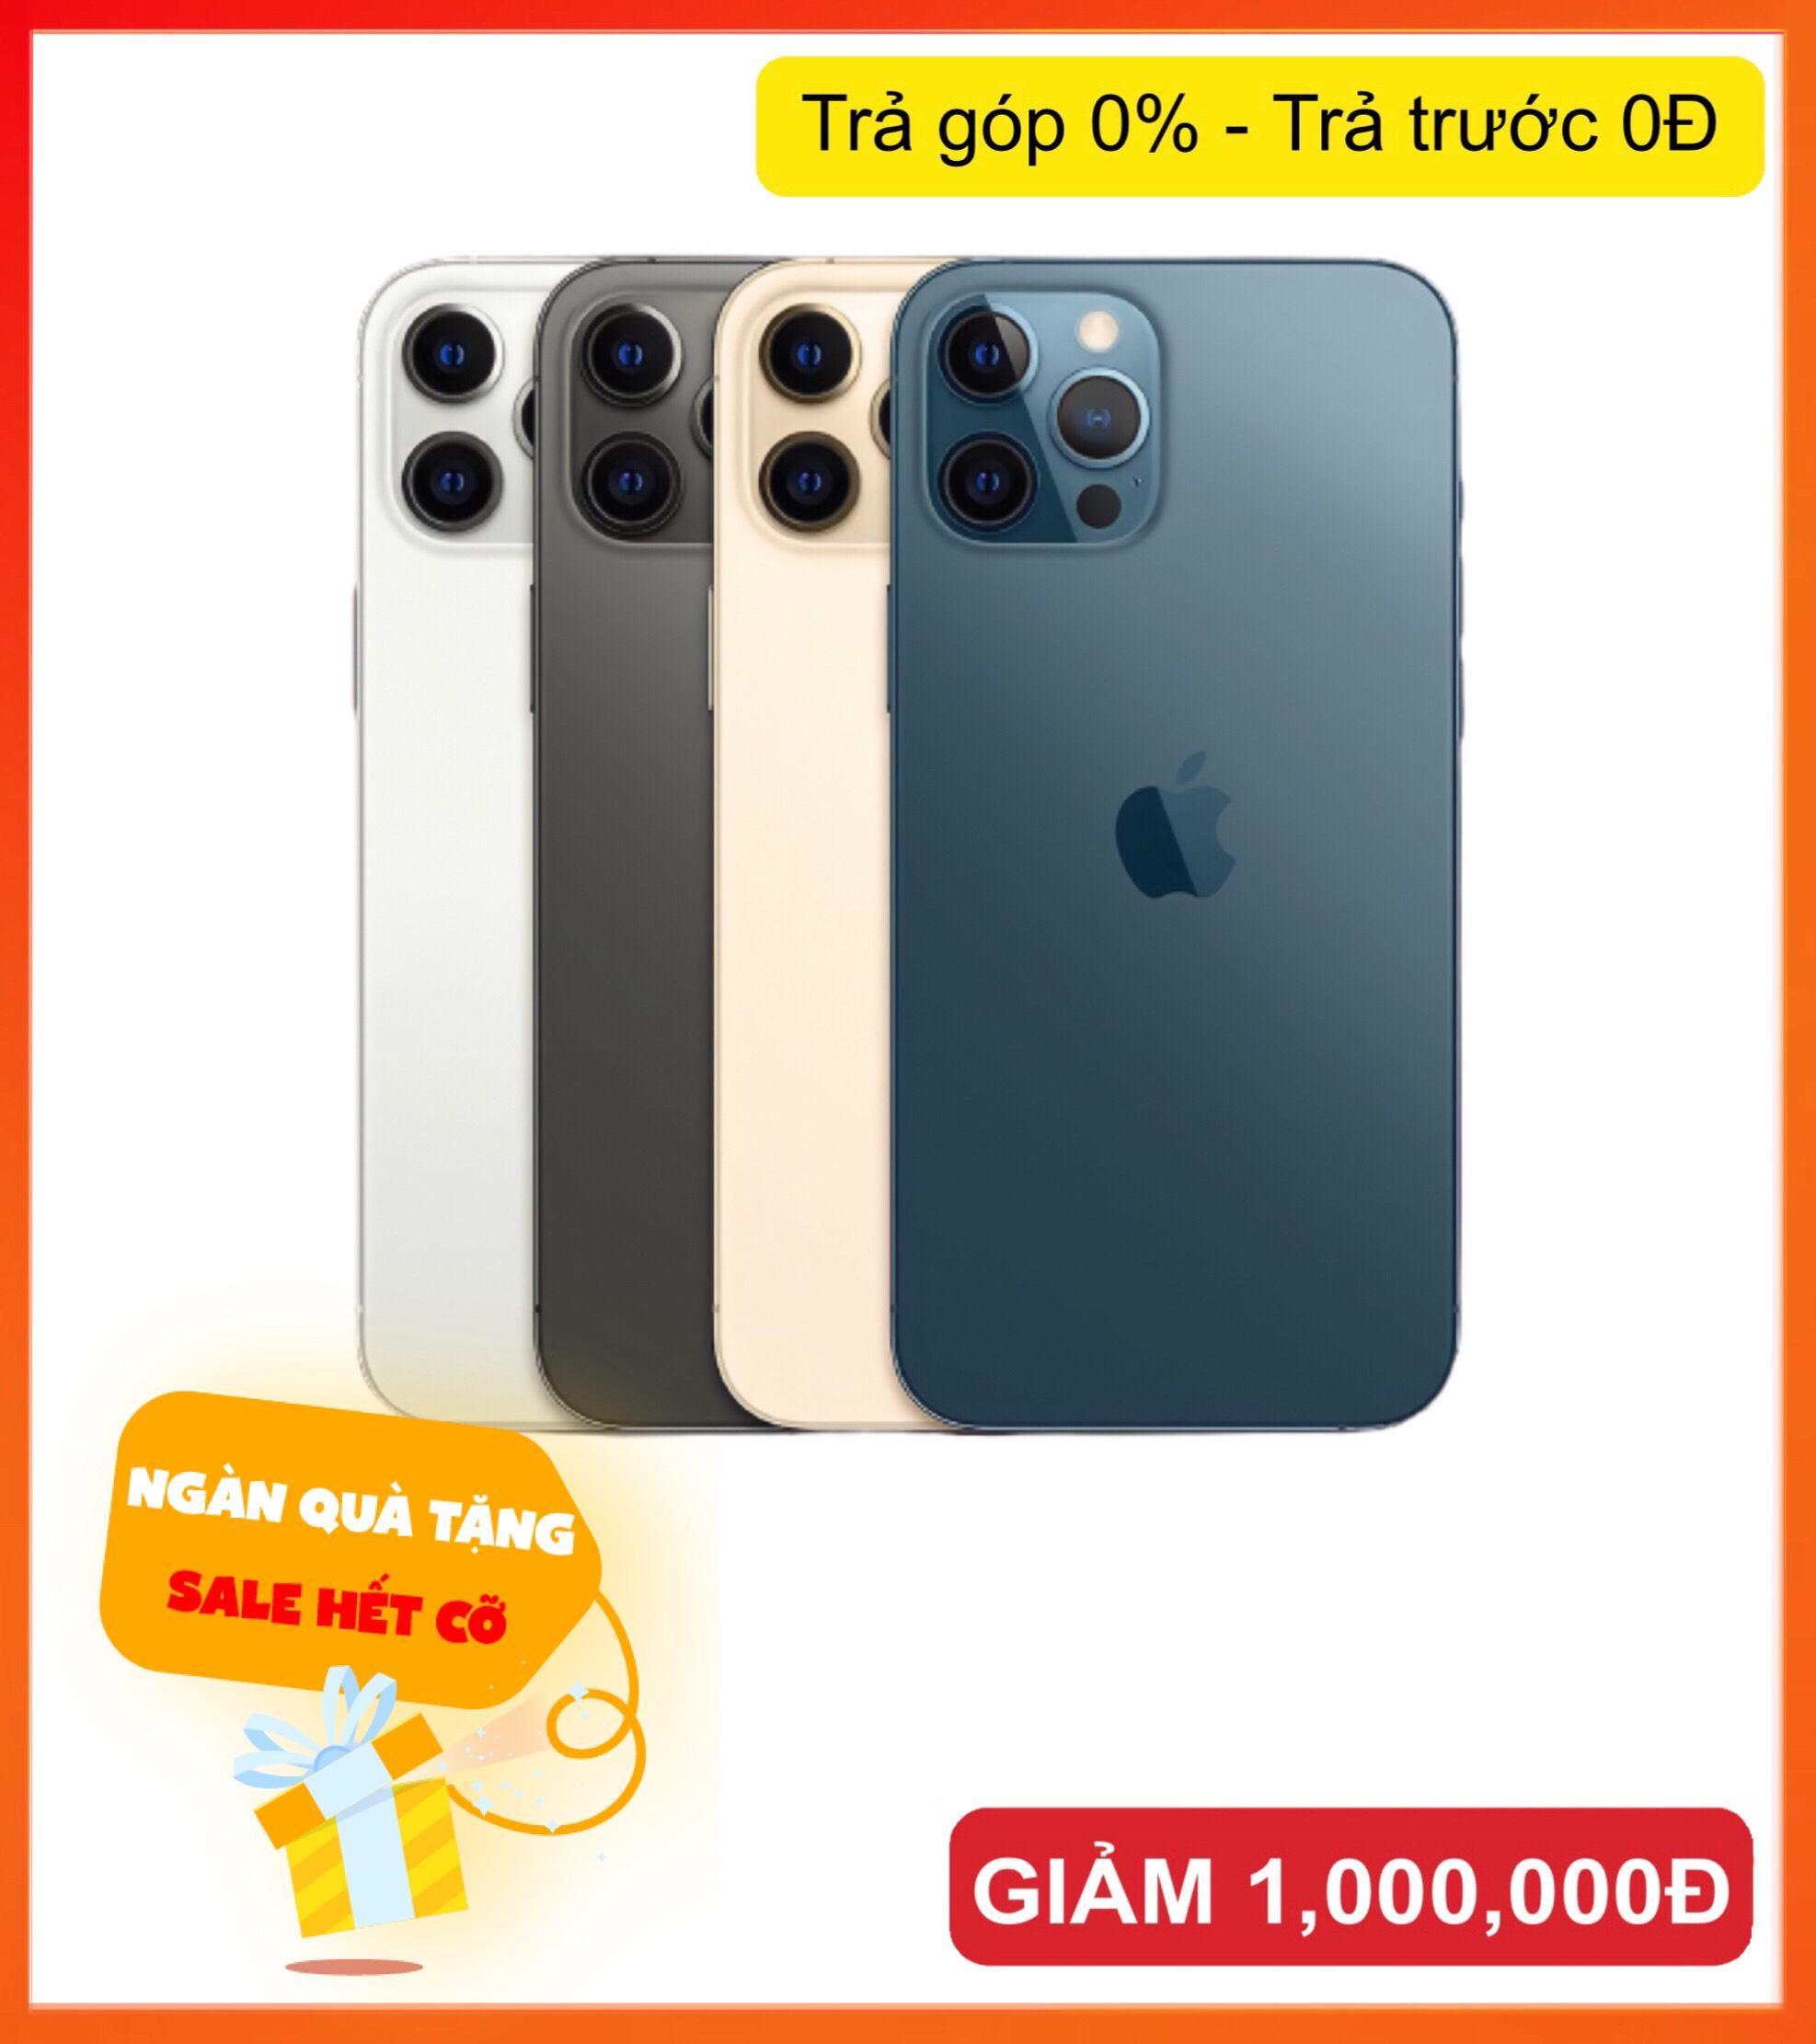 iP 12 Pro - 128GB - Like New 99% - 22.690.000